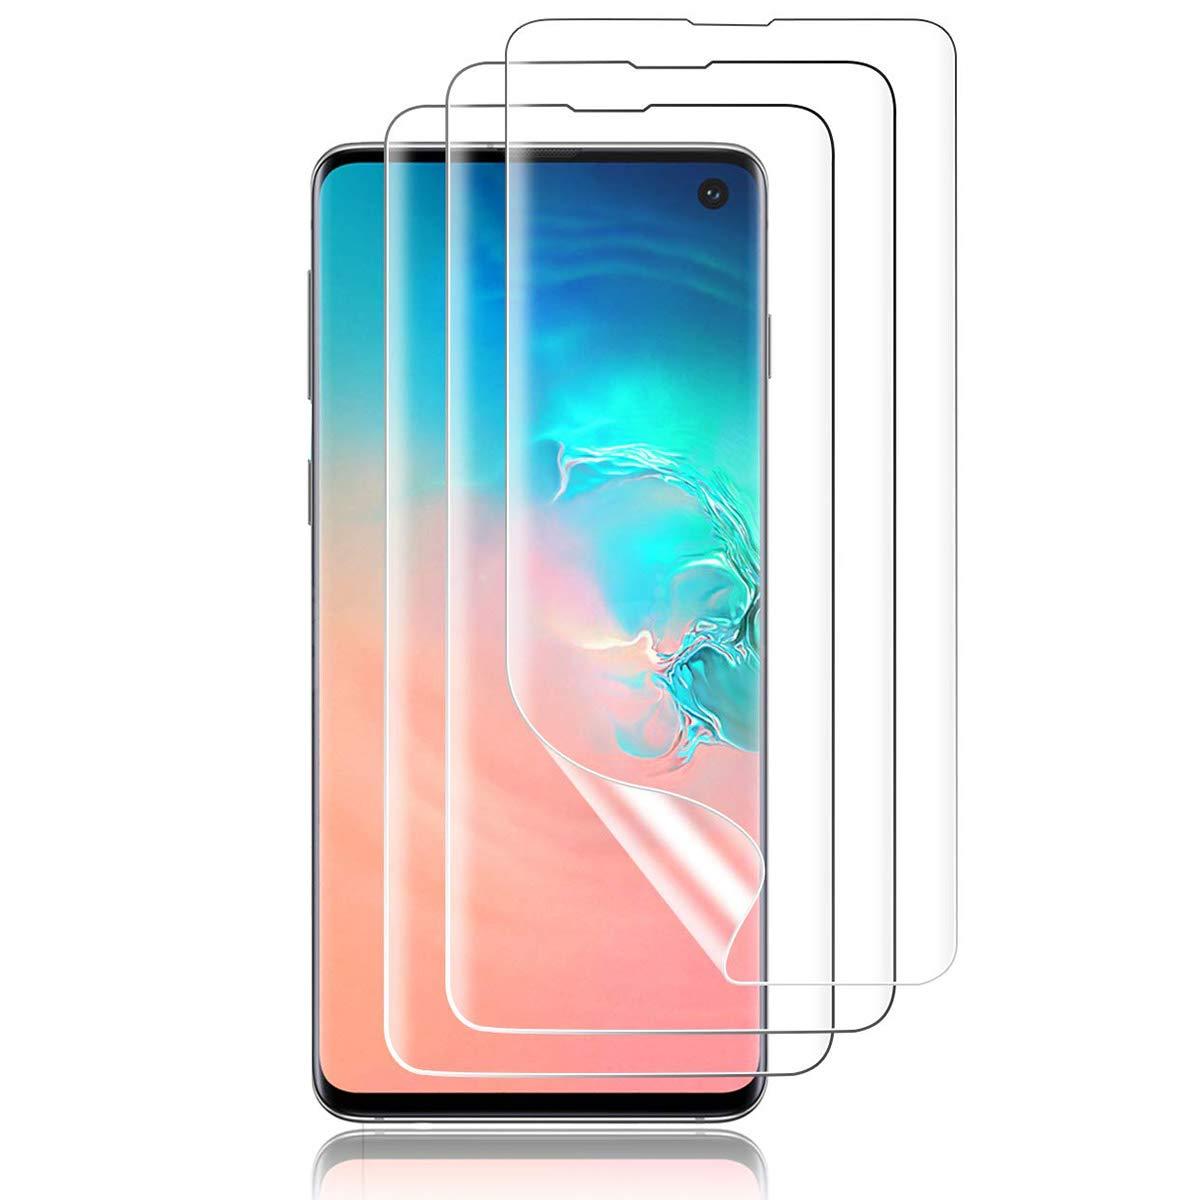 Flysee Protector de Pantalla para Samsung Galaxy S10, [3 Piezas] TPU Film con Aplicación Húmeda, Alta Definición Sensibilidad, Cobertura [Case Friendly] Protector para Samsung Galaxy S10: Amazon.es: Electrónica